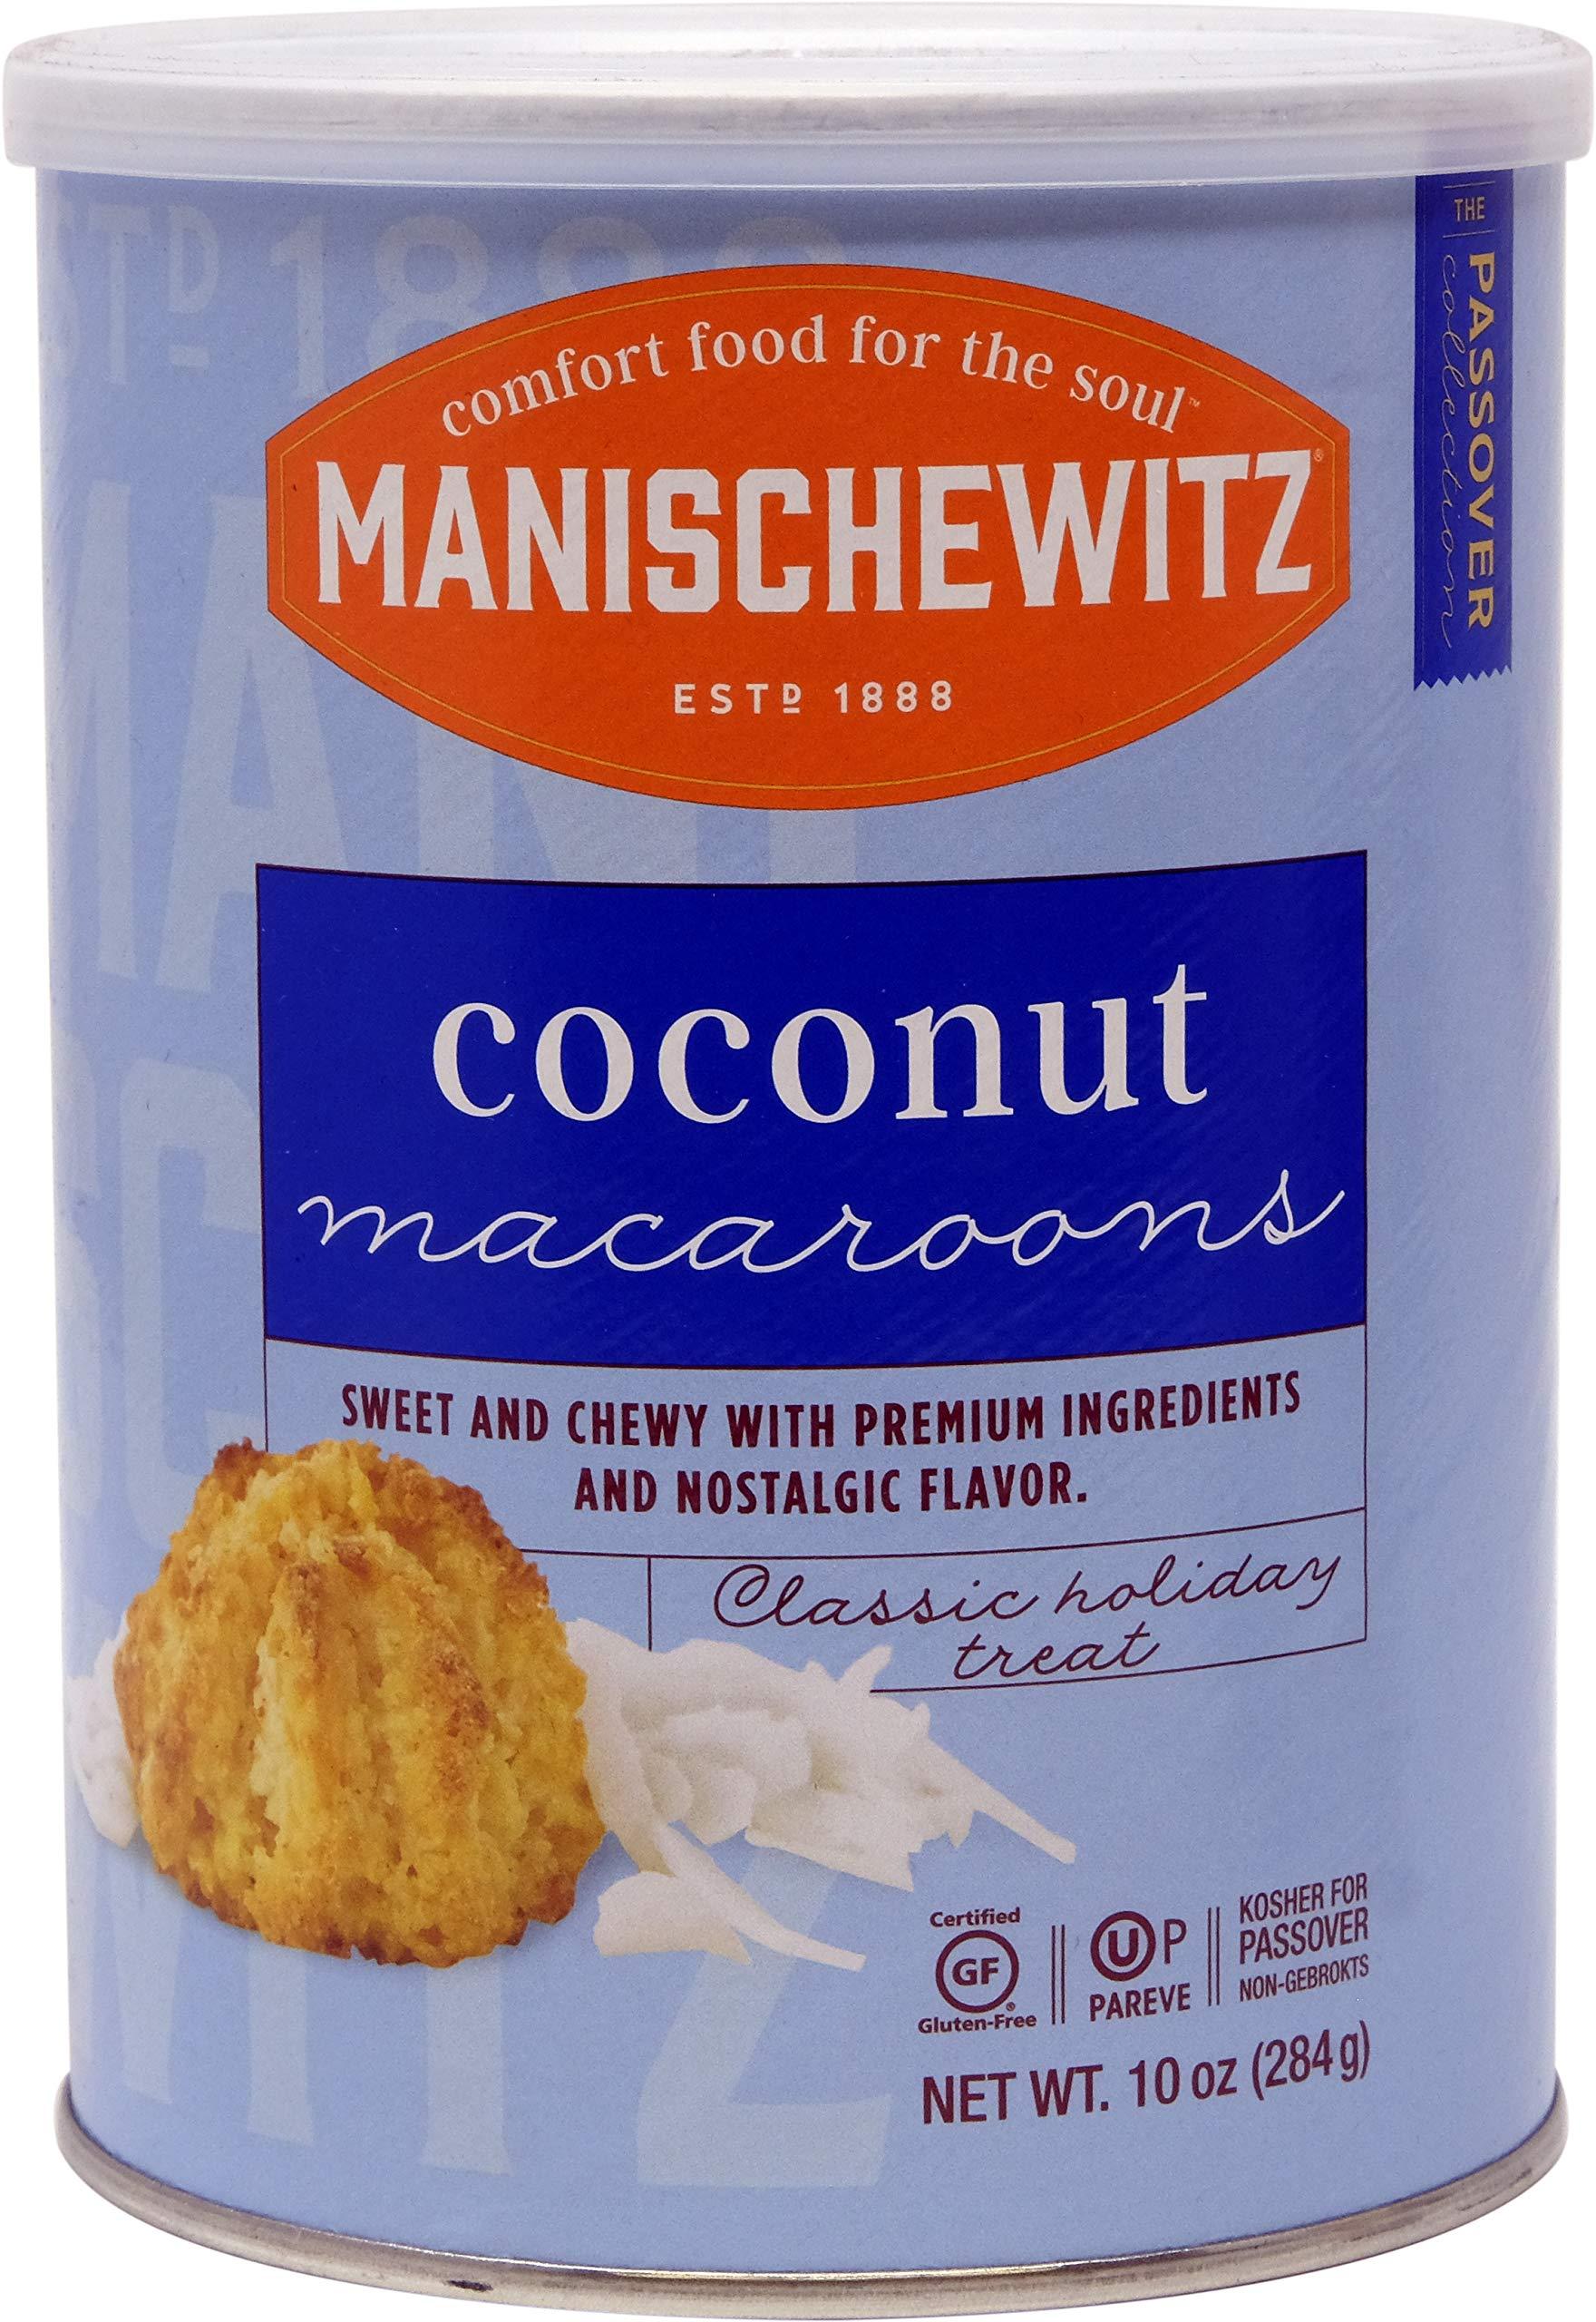 Manischewitz Macaroon Coconut, Kosher For Passover, 10 Ounce Canister (Single) by Manischewitz